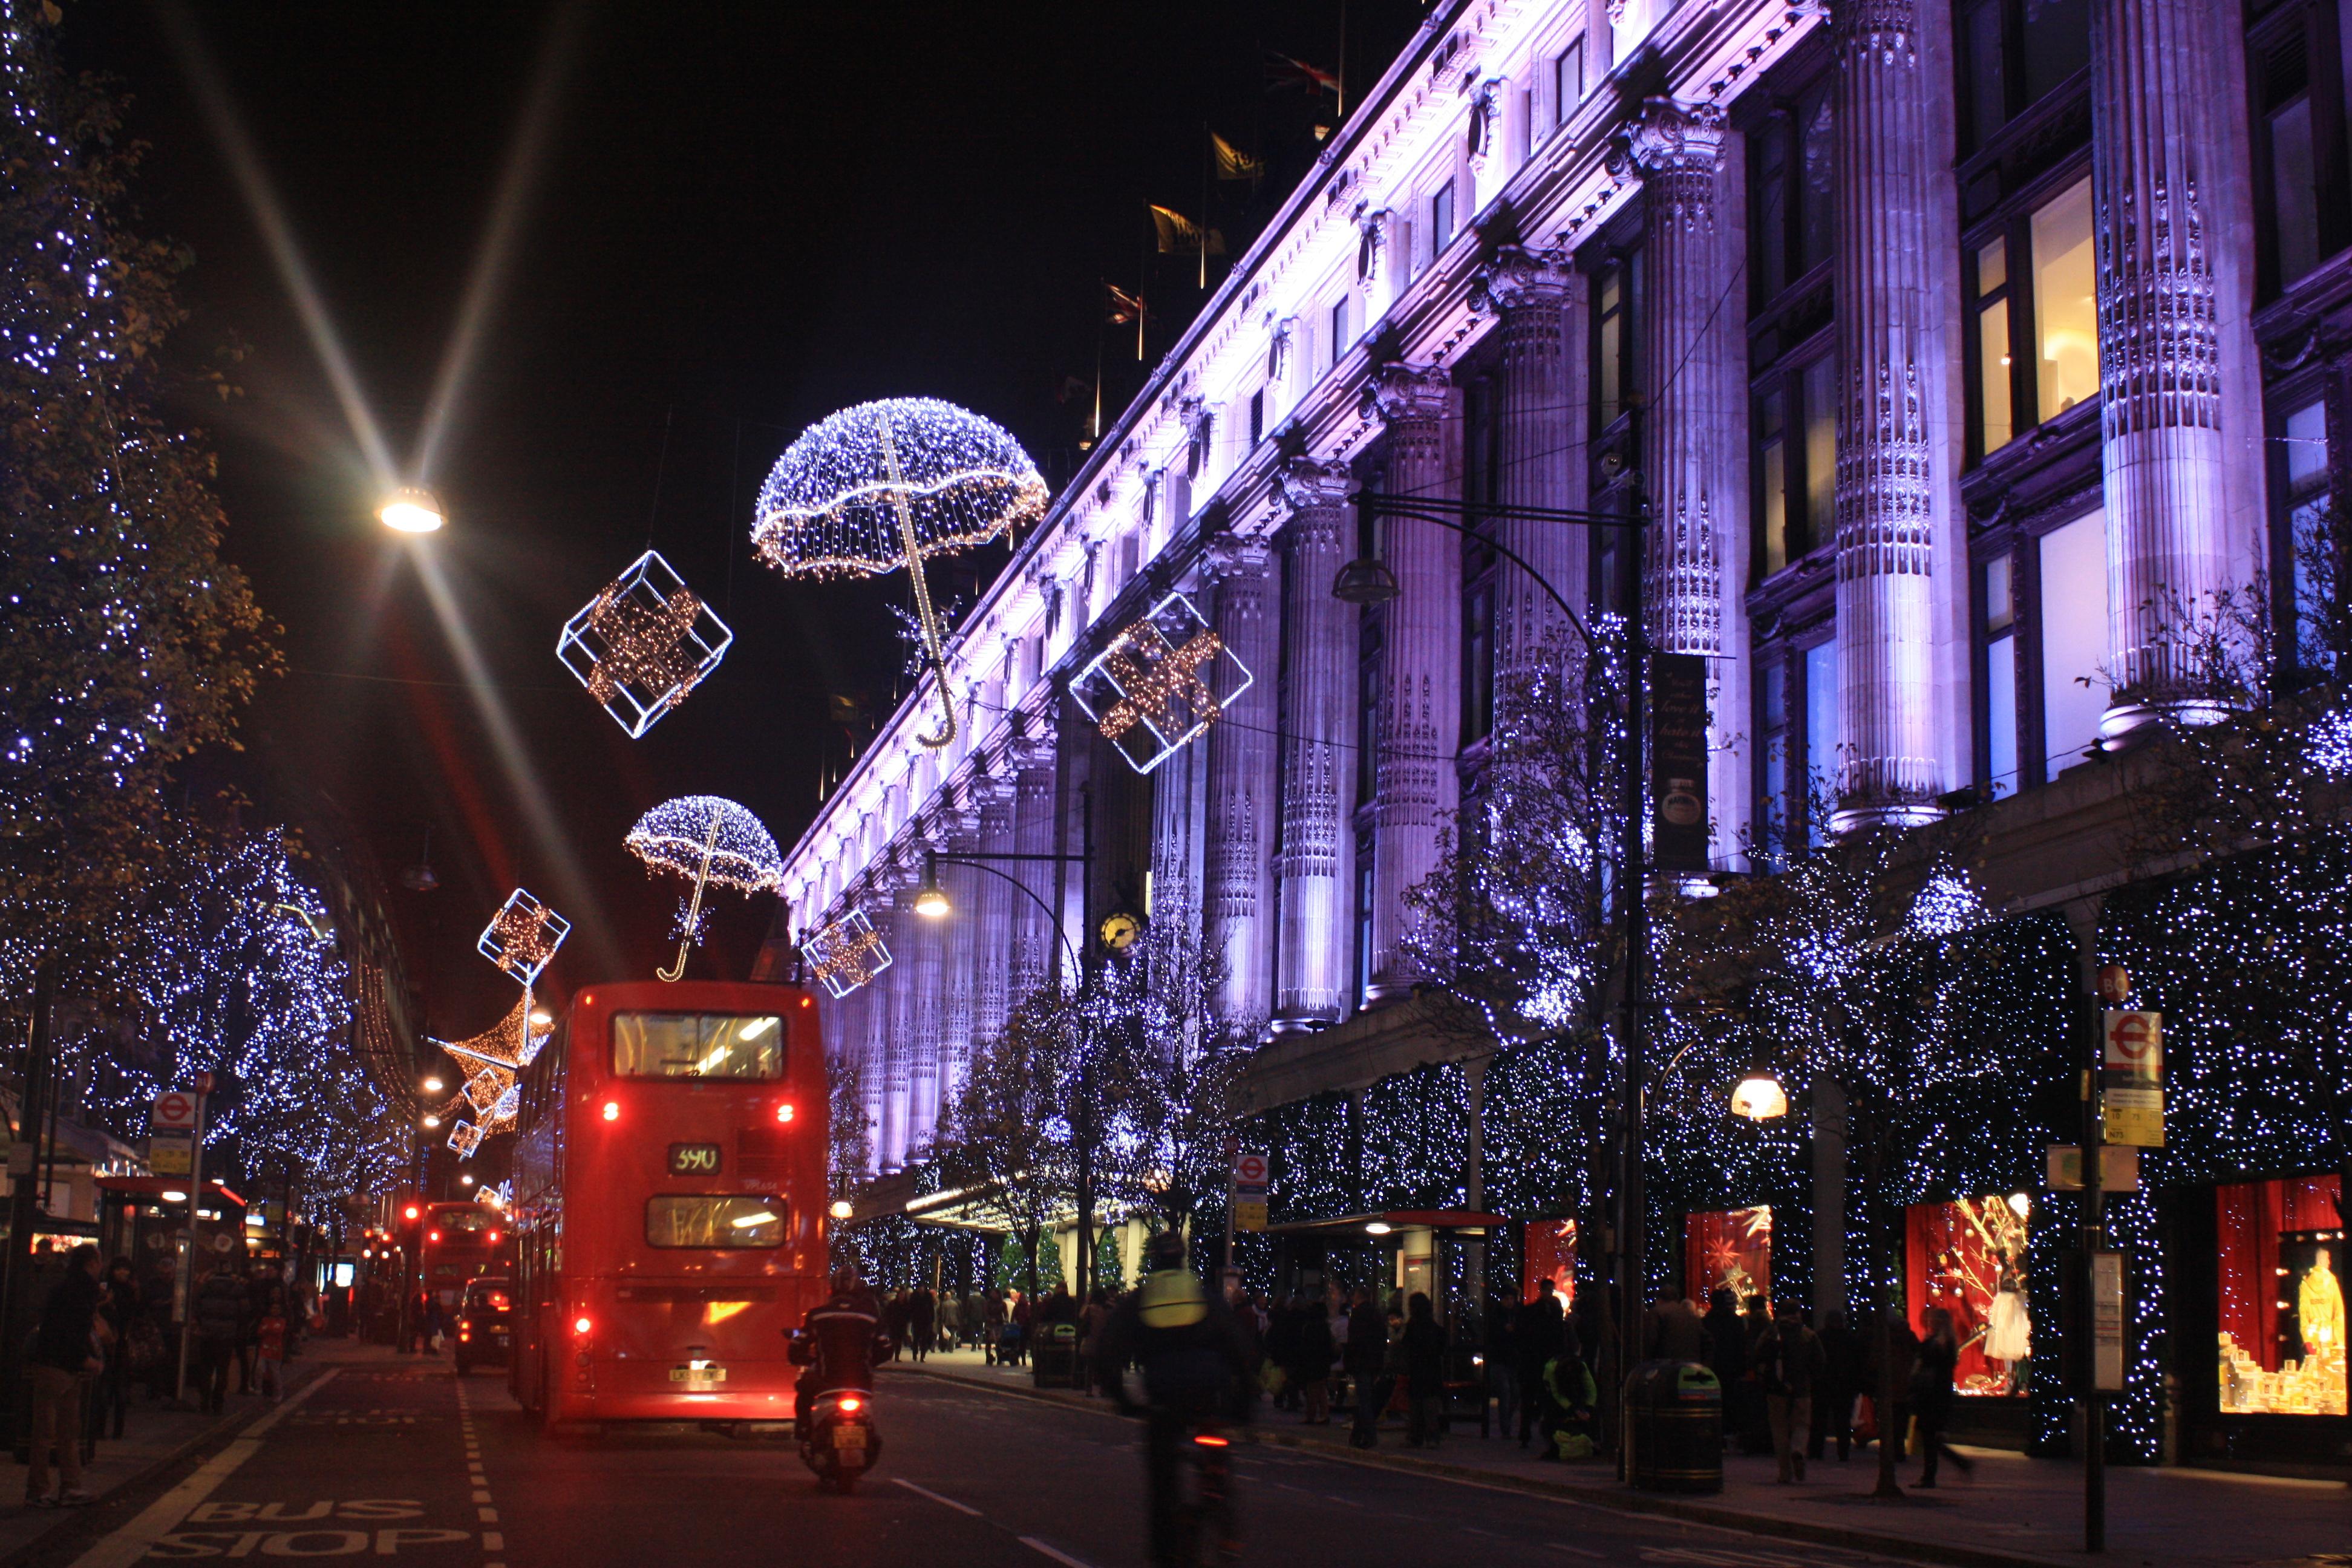 viajes-en-navidad-con-ninos-4-londres